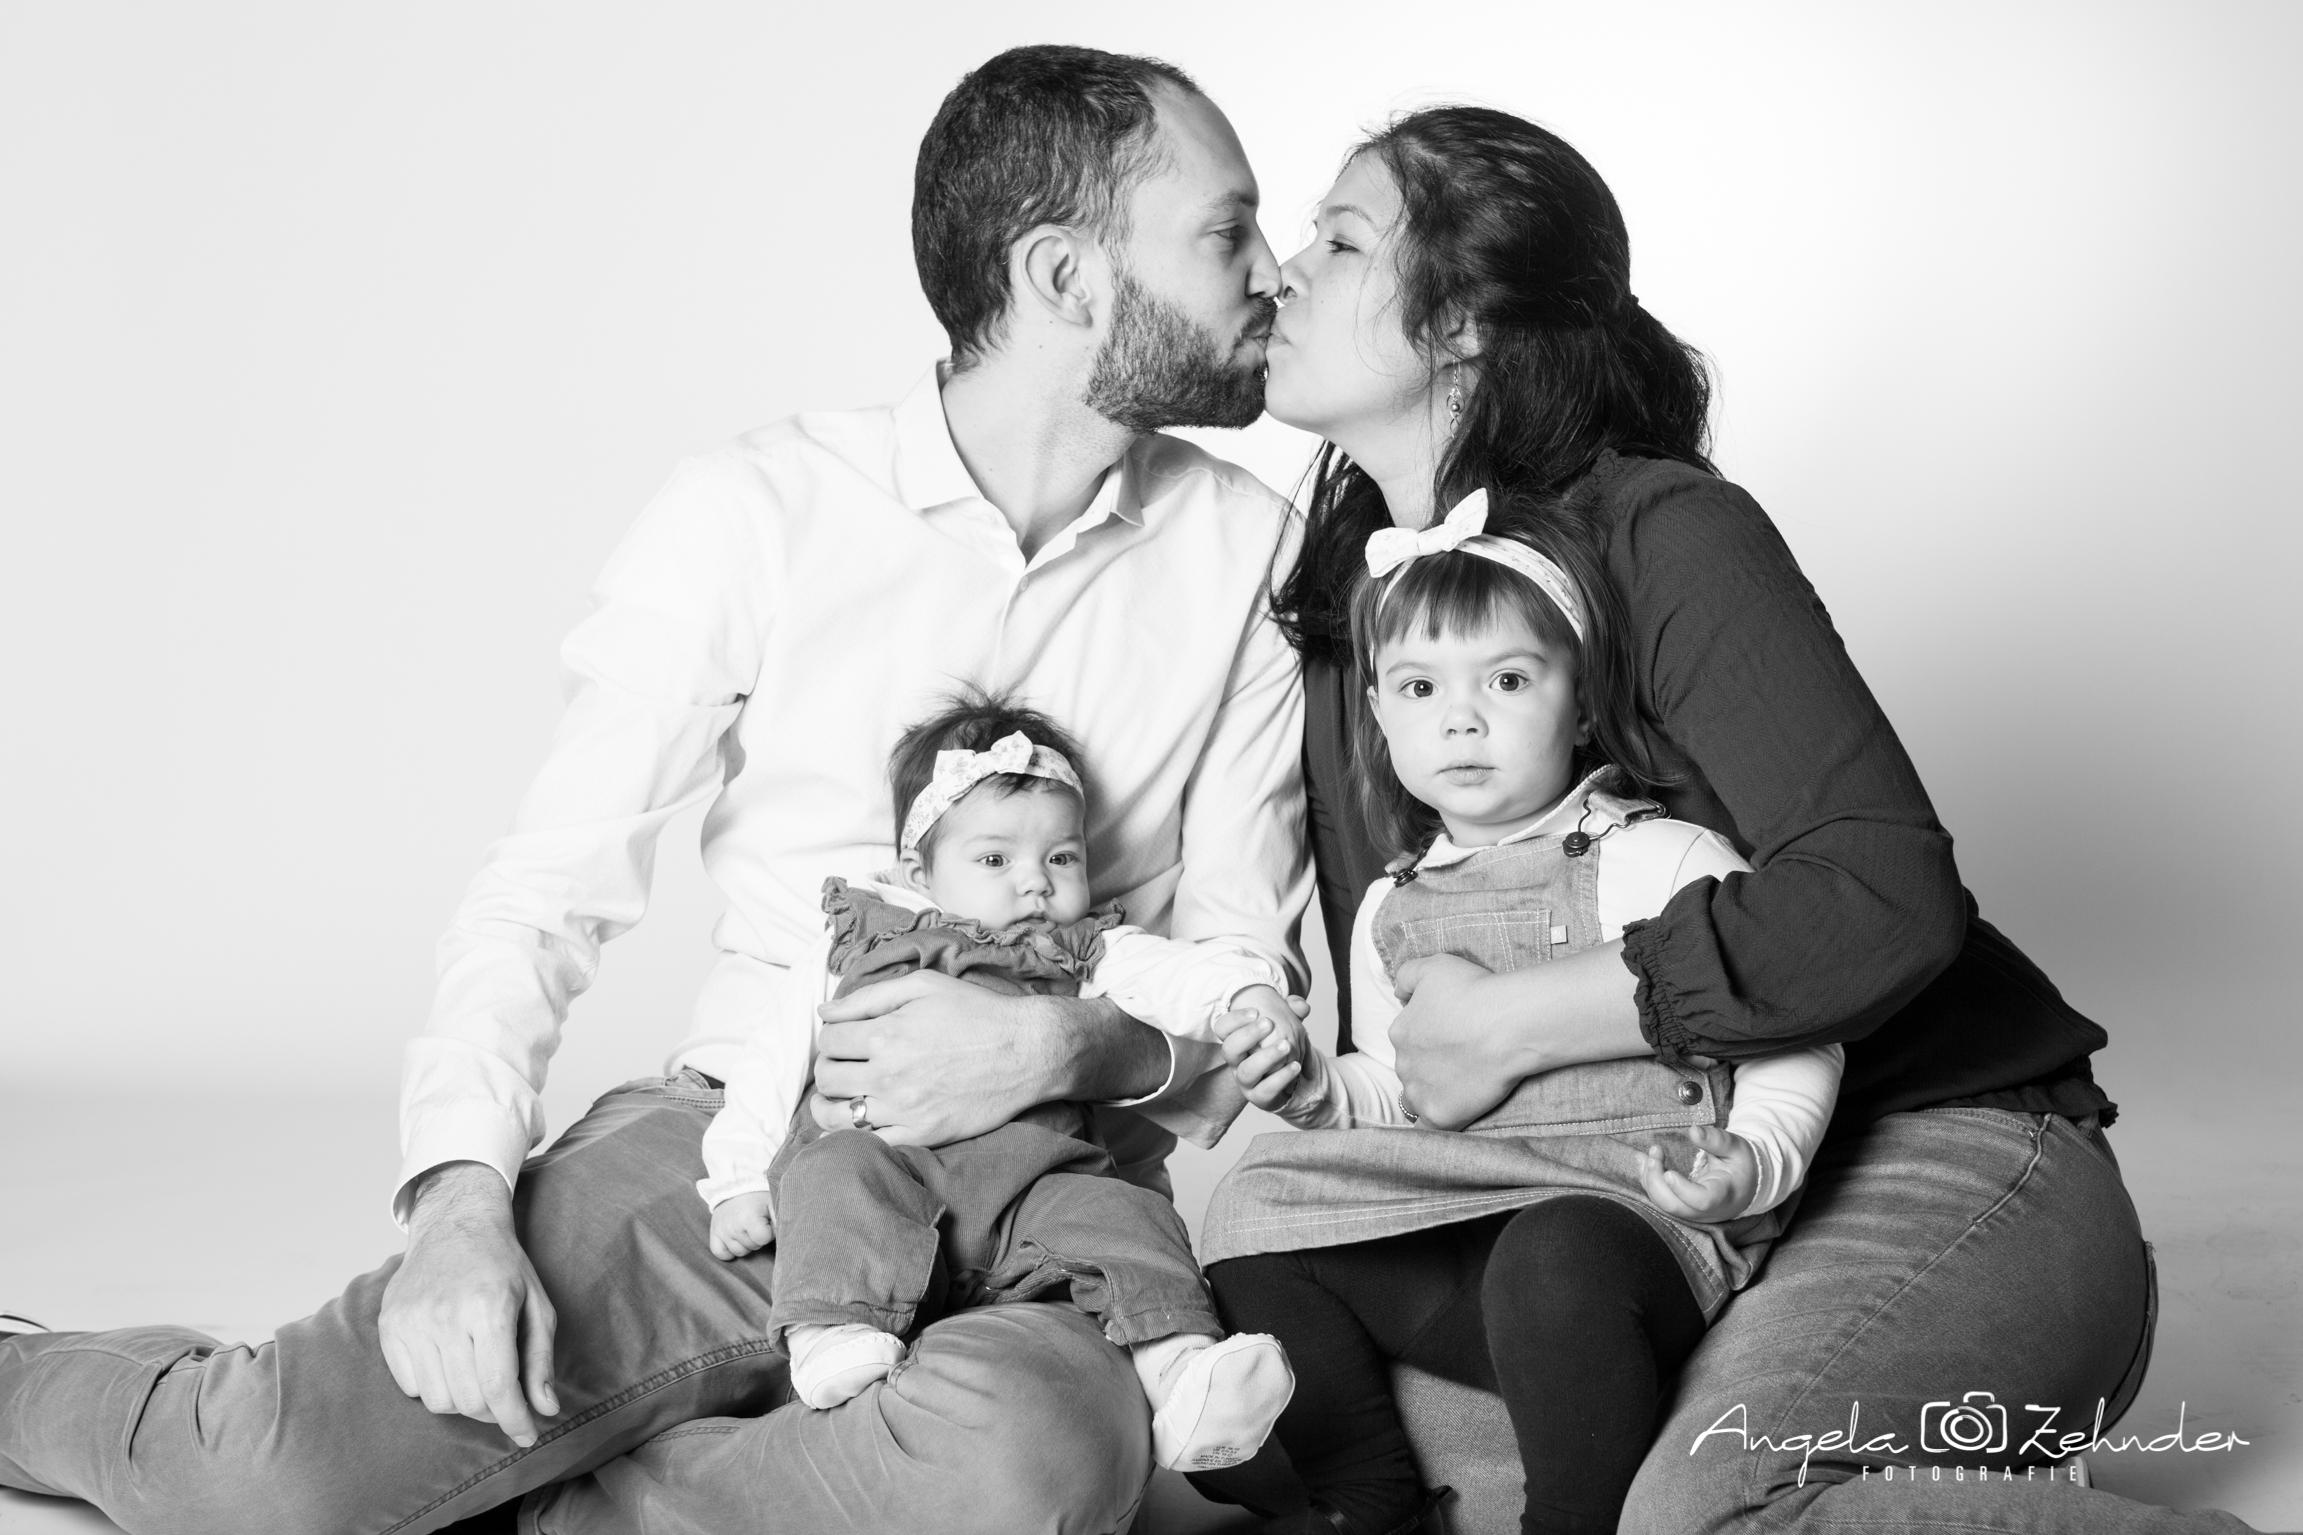 angel-zehnder-fotografie-family-30